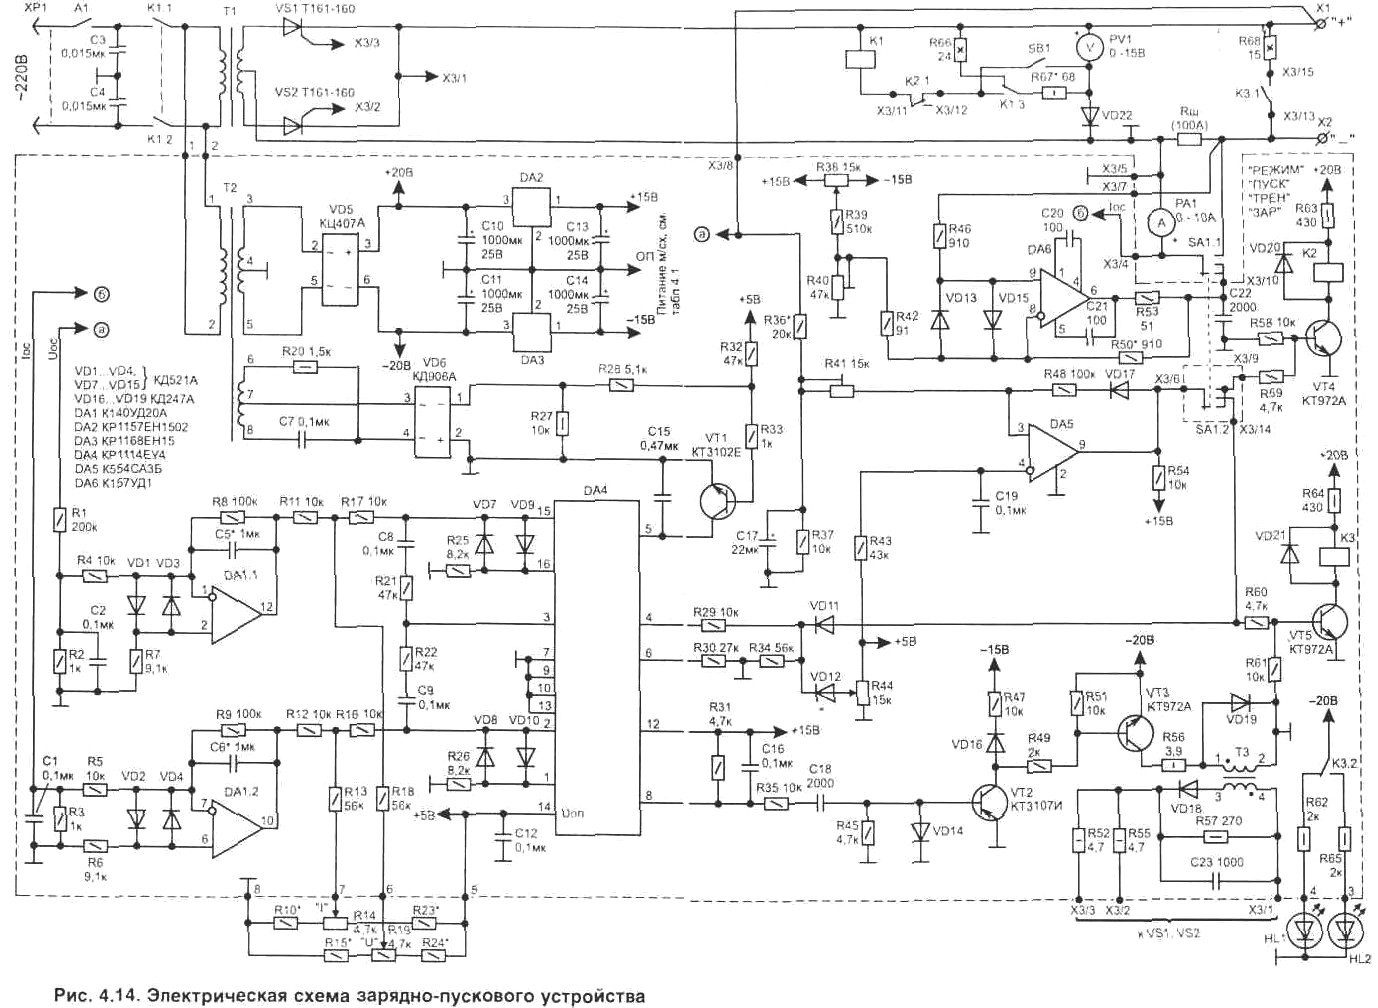 схема зарядно- пускового